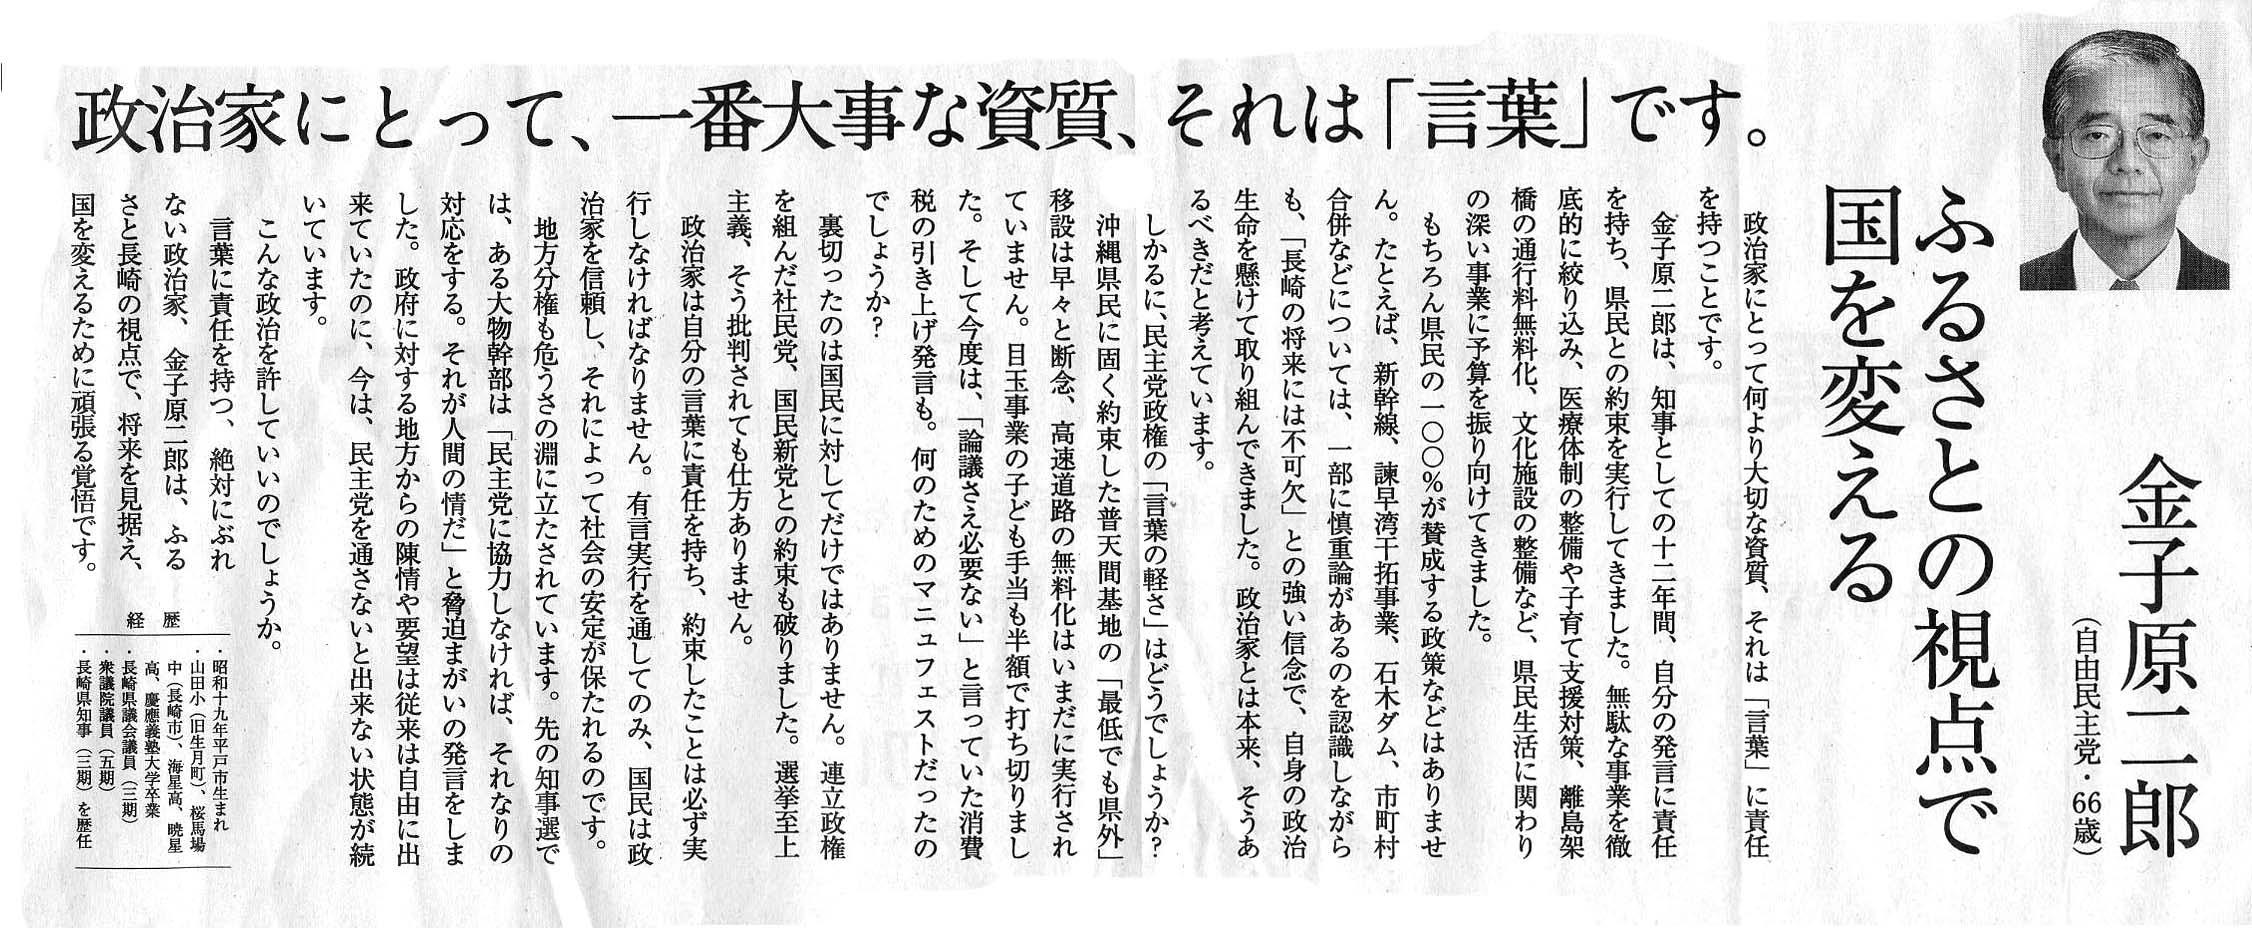 選挙公報(長崎選挙区)_c0052876_2332342.jpg